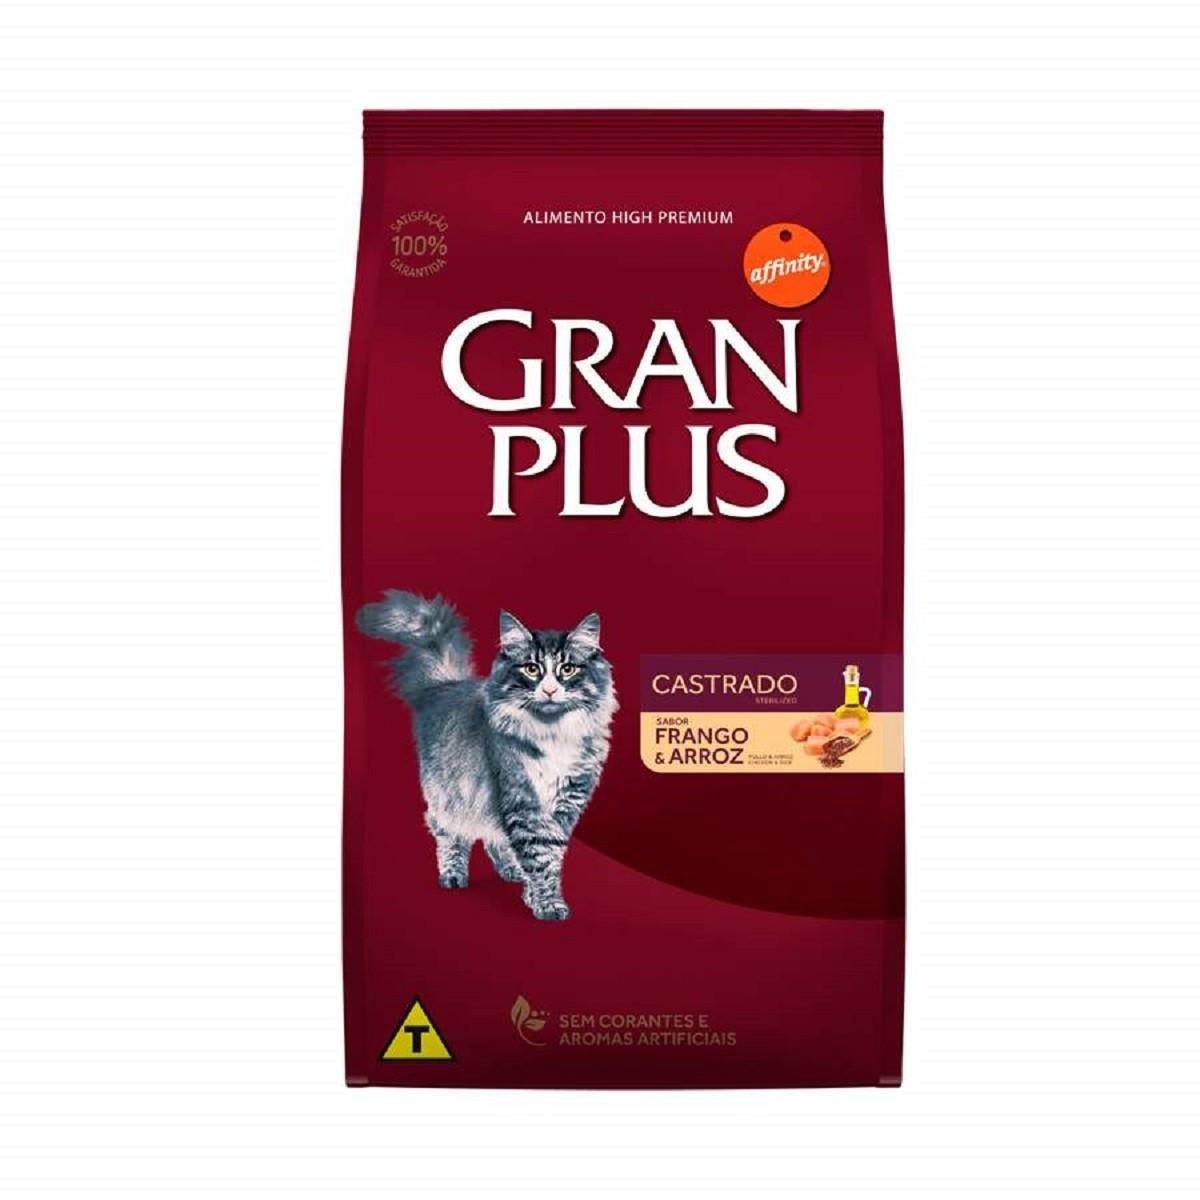 Ração GranPlus Premium Frango e Arroz para gatos castrados 10kg  - Onda do Pet